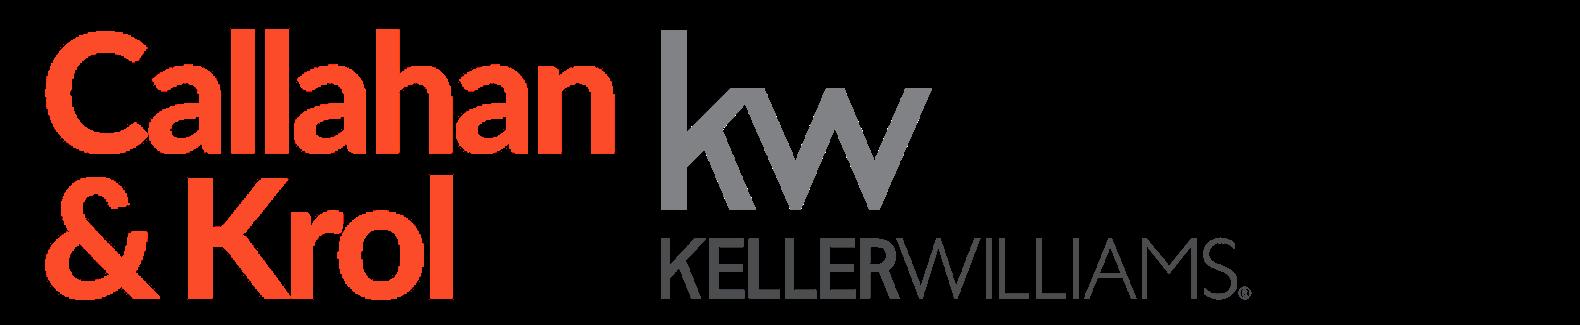 Callahan & Krol logo